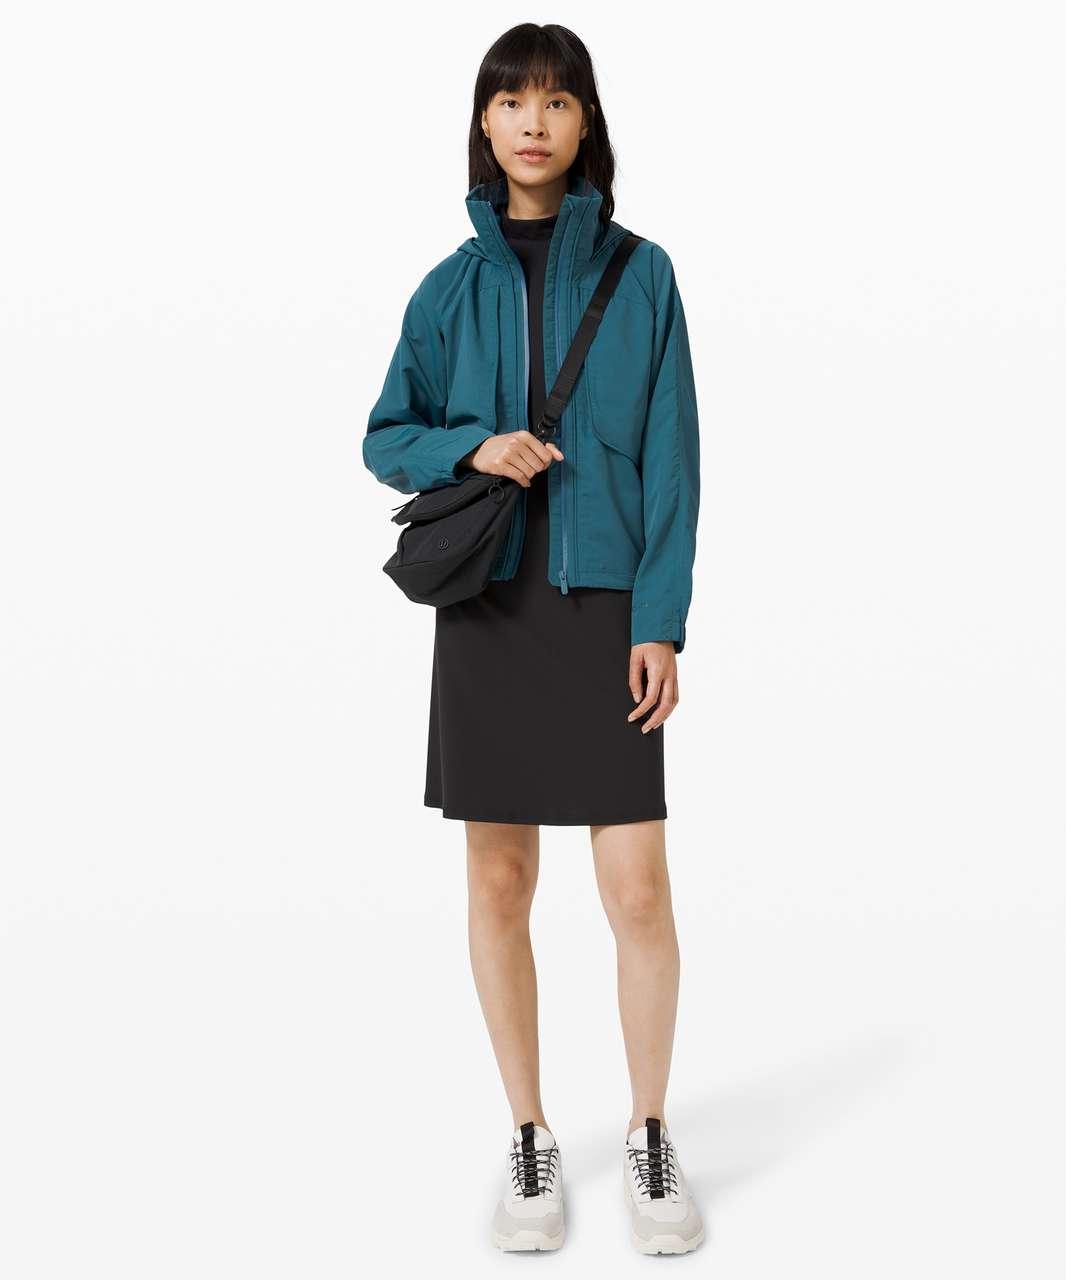 Lululemon Always Effortless Jacket - Carbon Blue